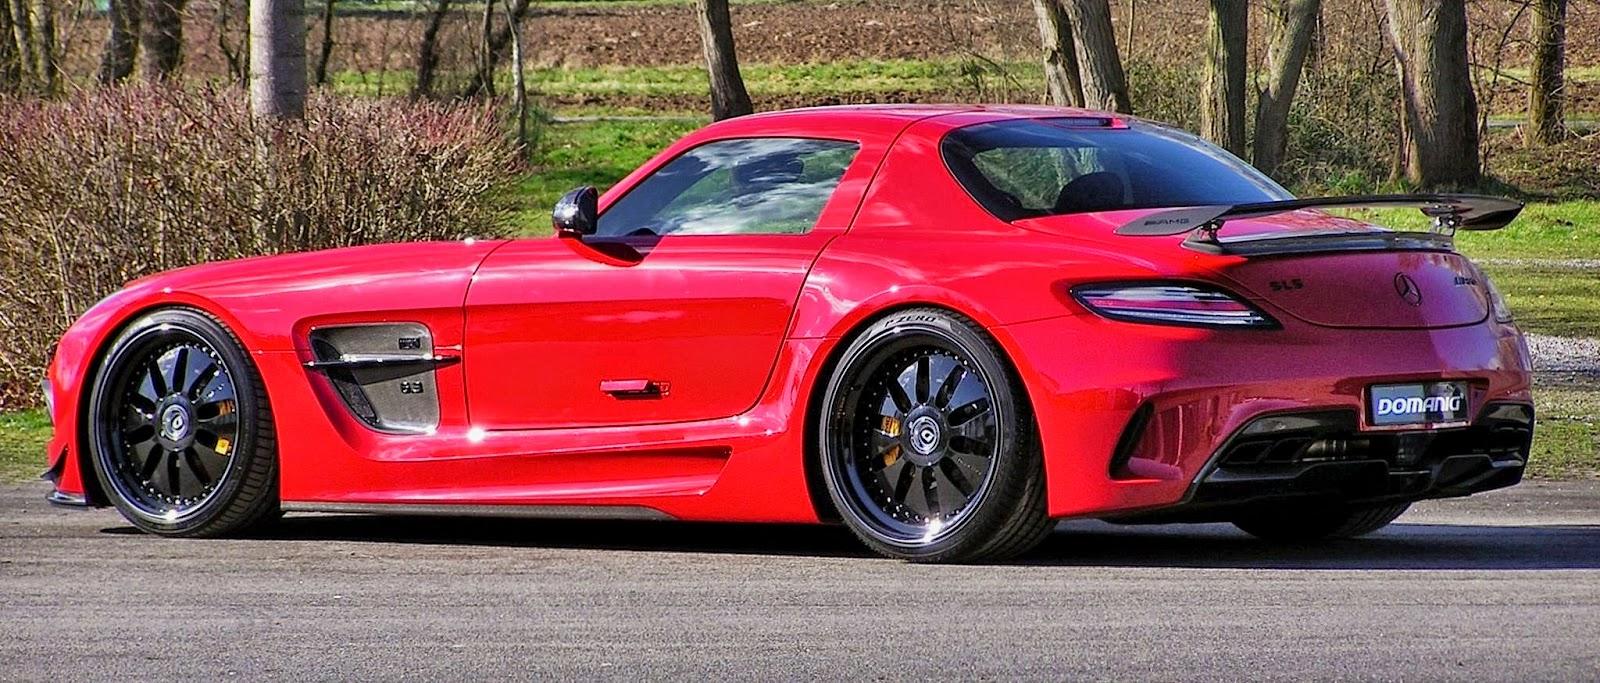 Mercedes benz sls amg black series by domanig benztuning for Mercedes benz sls amg red